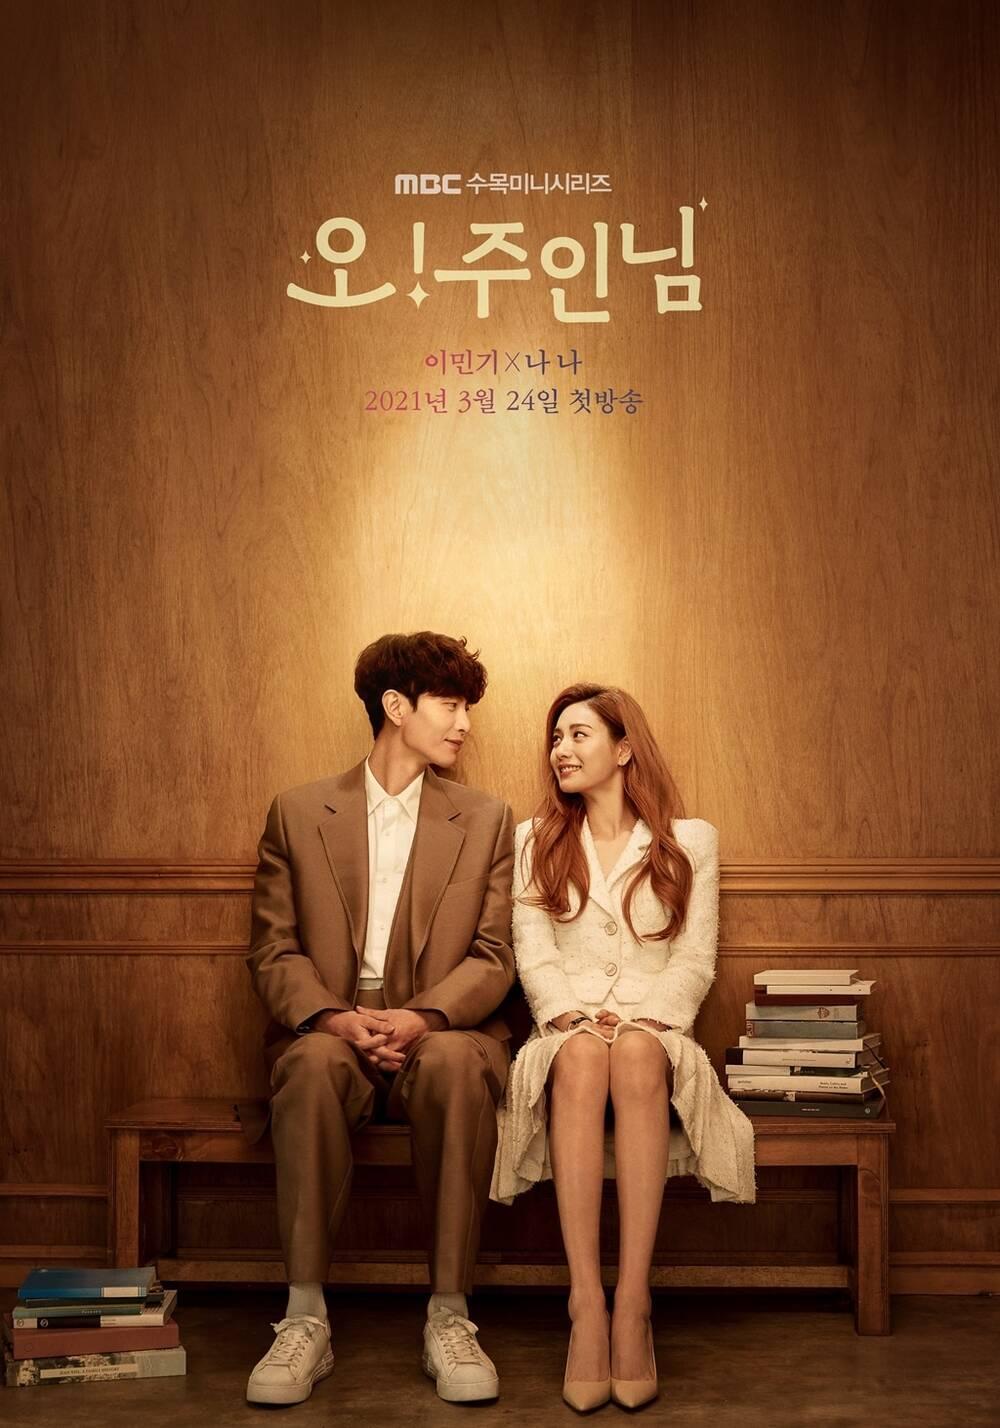 Phim truyền hình Hàn Quốc tháng 3: Đa dạng thể loại, từ lãng mạn, hài hước đến kinh dị Ảnh 16